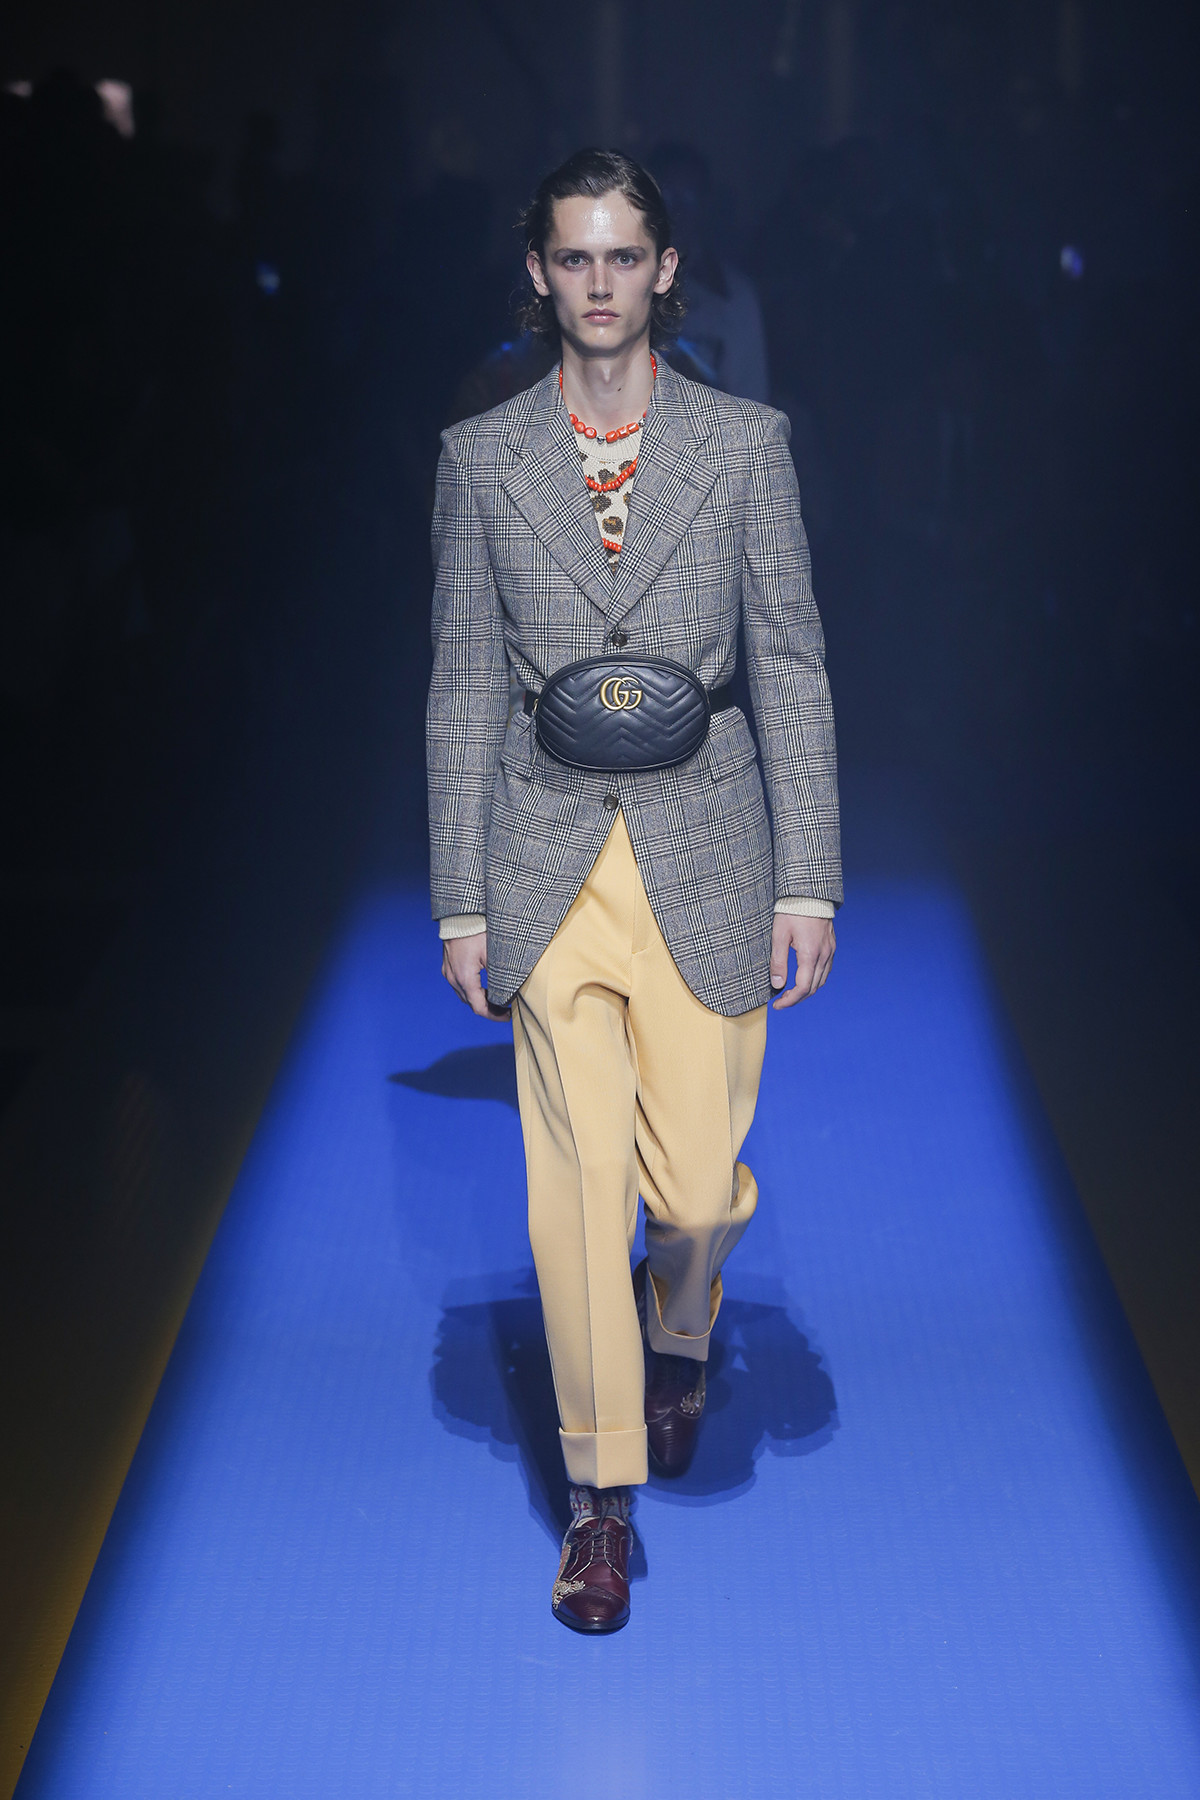 Những chàng trai qua đôi tay kì diệu của Alessandro Michele mang dáng dập nữ tính mảnh khảnh. Ảnh: Gucci